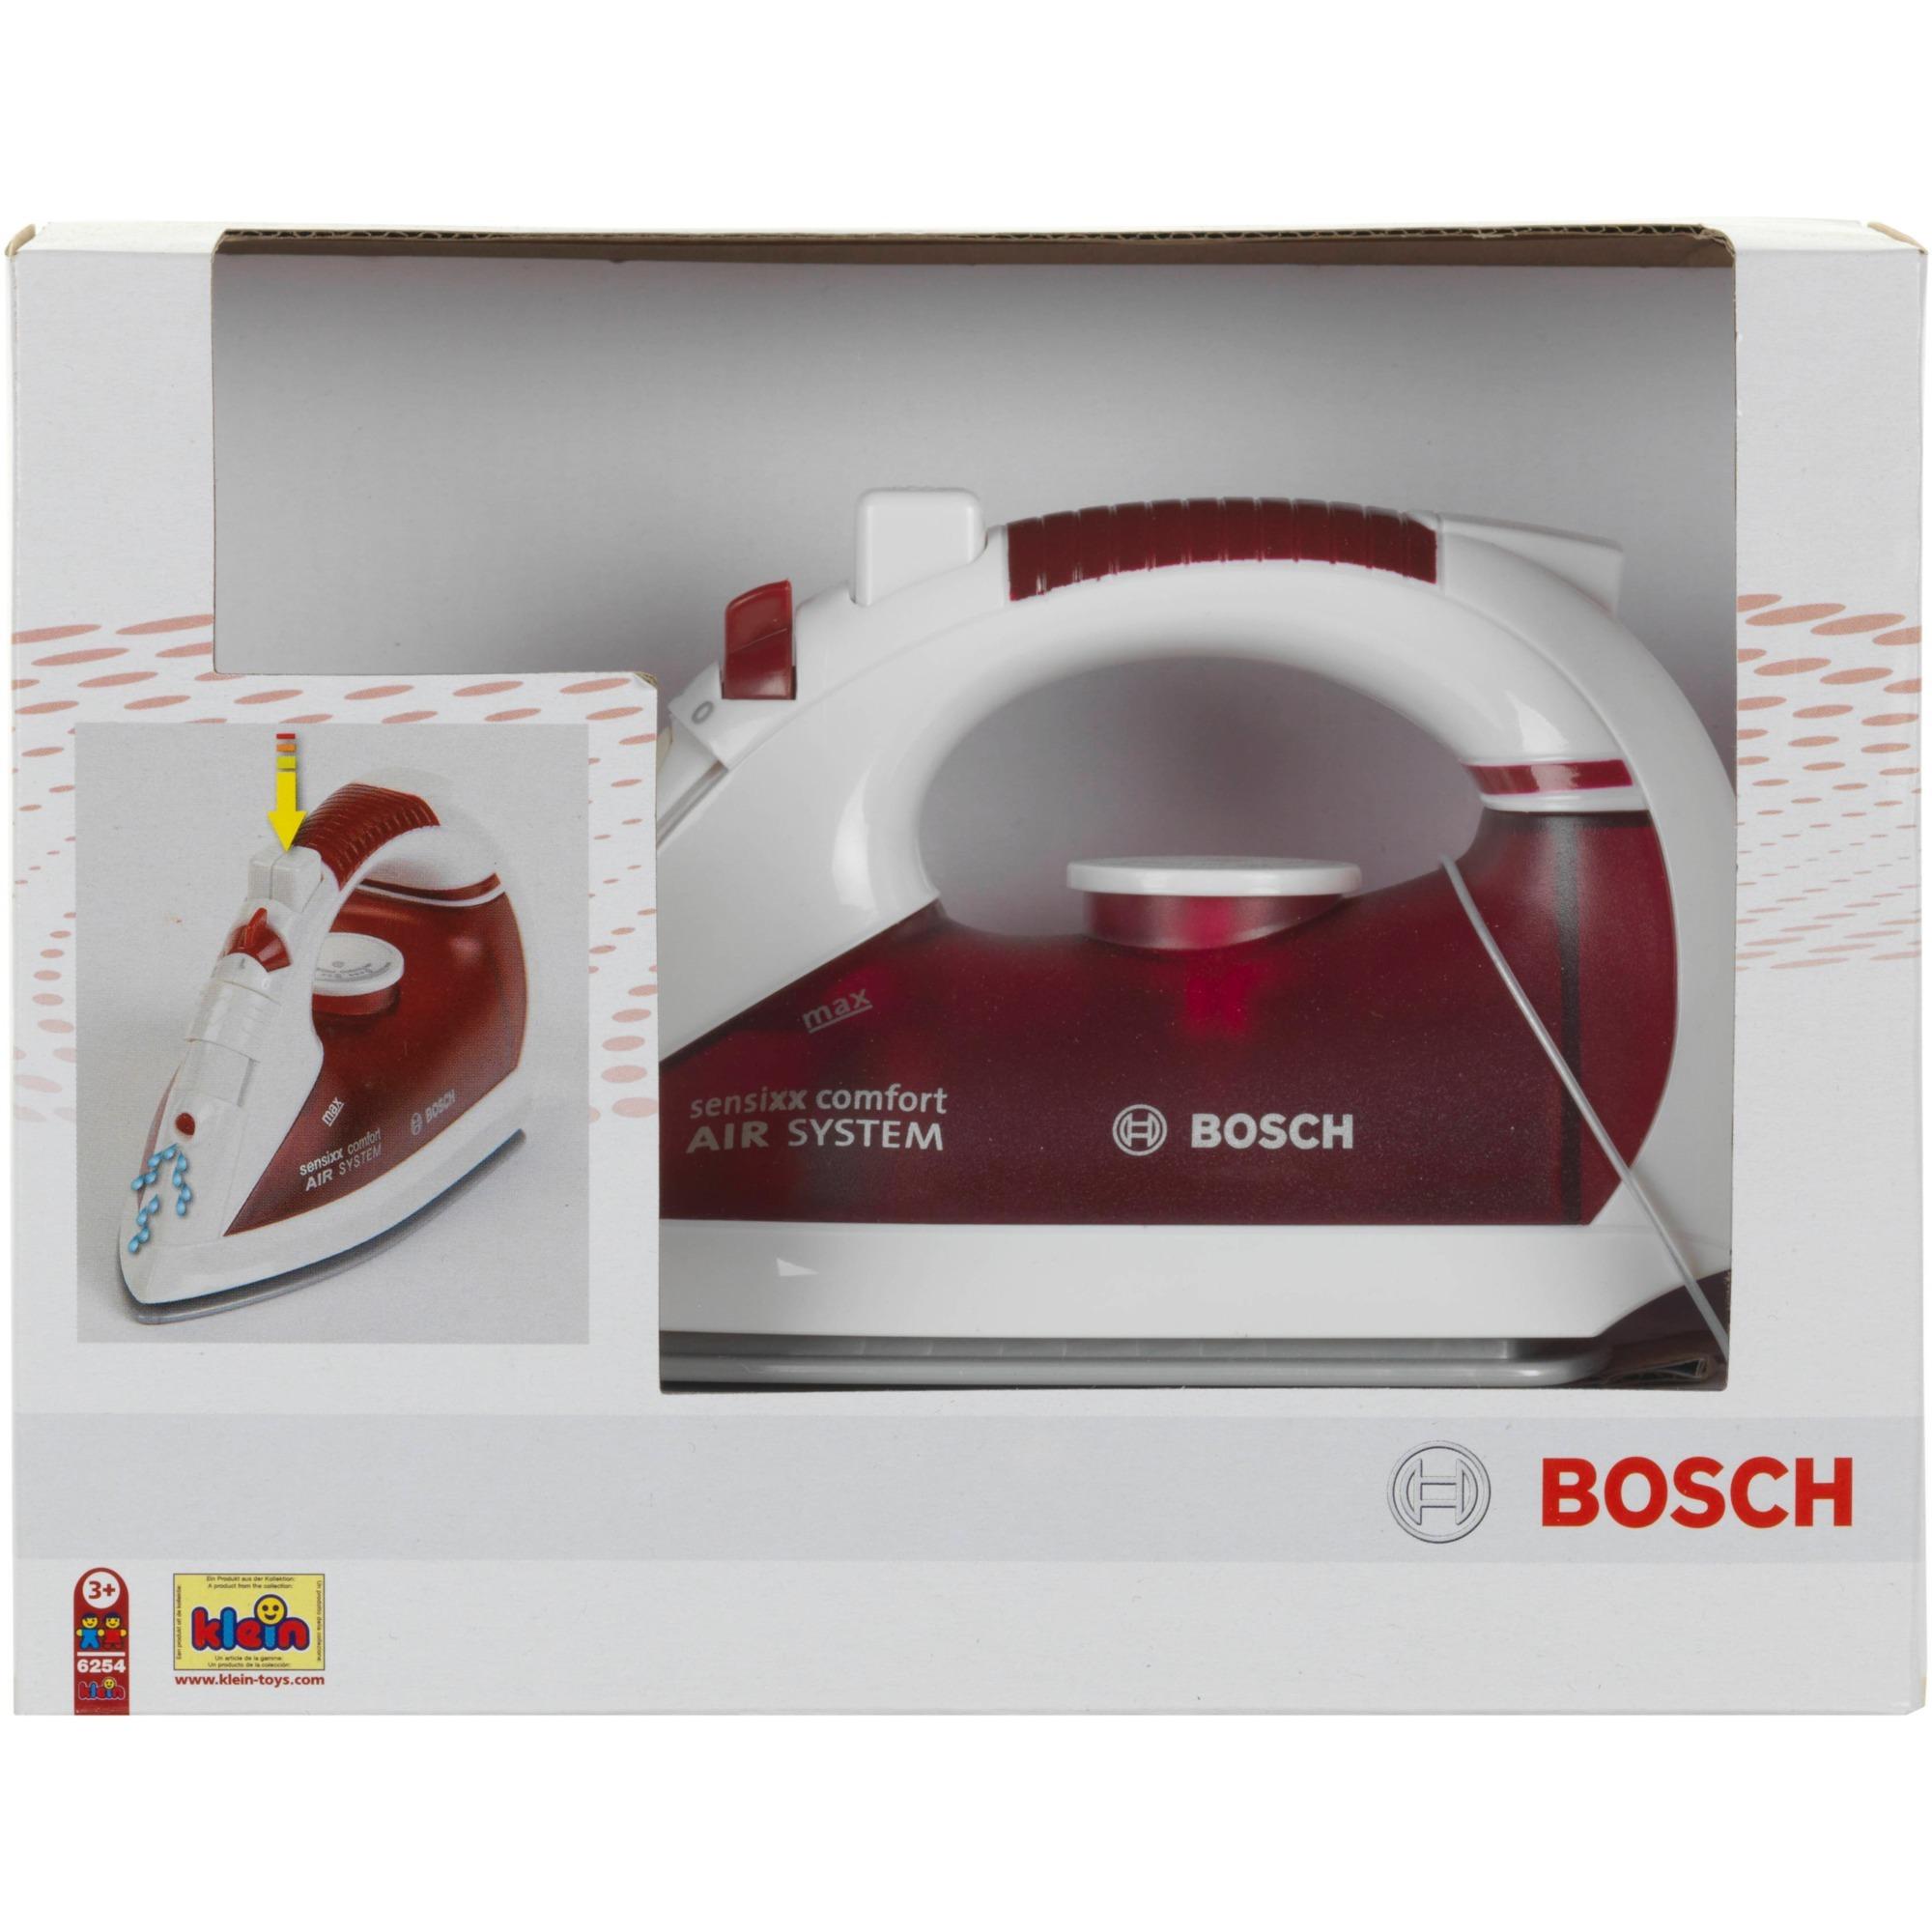 Jeu d'imitation - Fer à repasser Bosch, Appareil ménager pour enfants